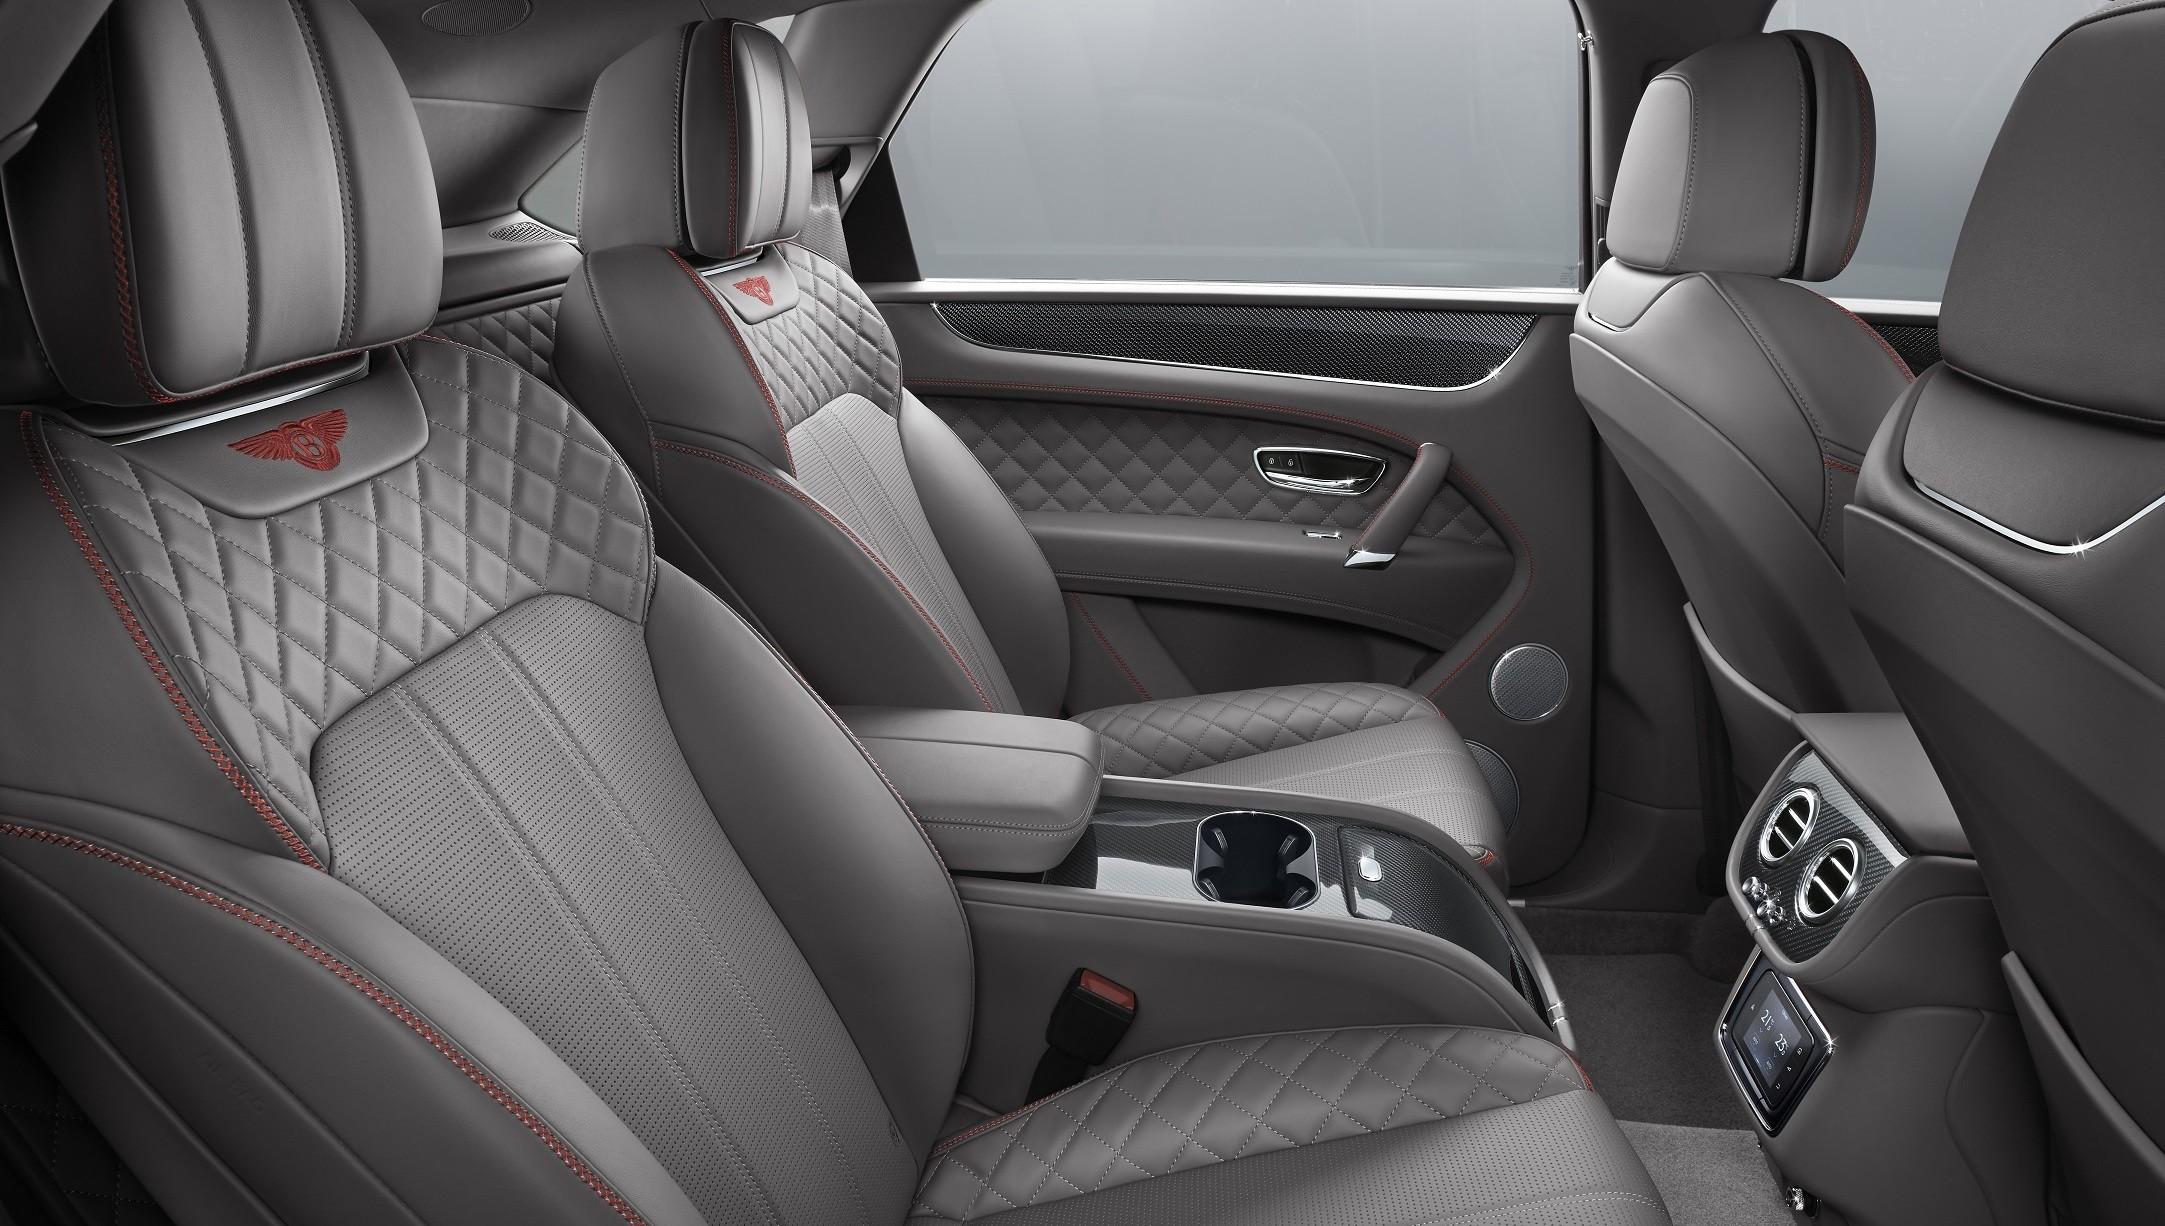 Enjoy Pure Comfort in the 2020 Bentley Bentayga!